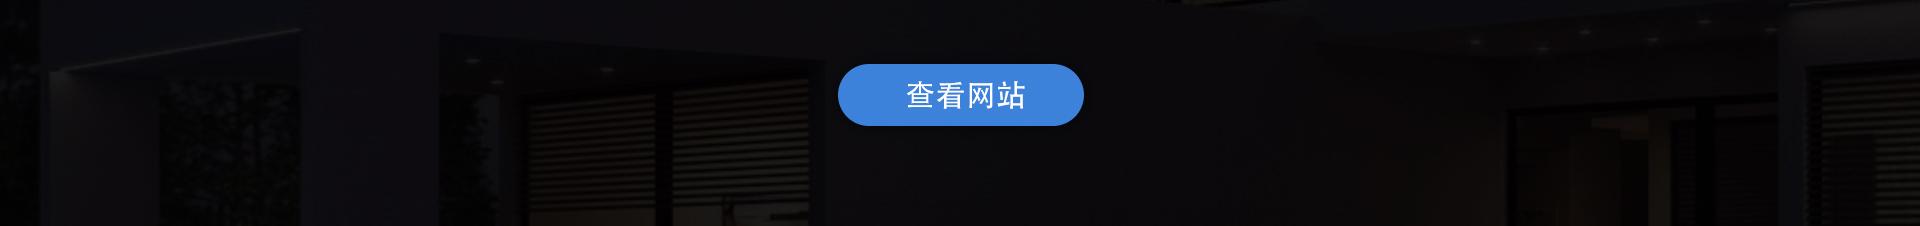 宁波飞色-朱瑜皓-朱瑜皓_02